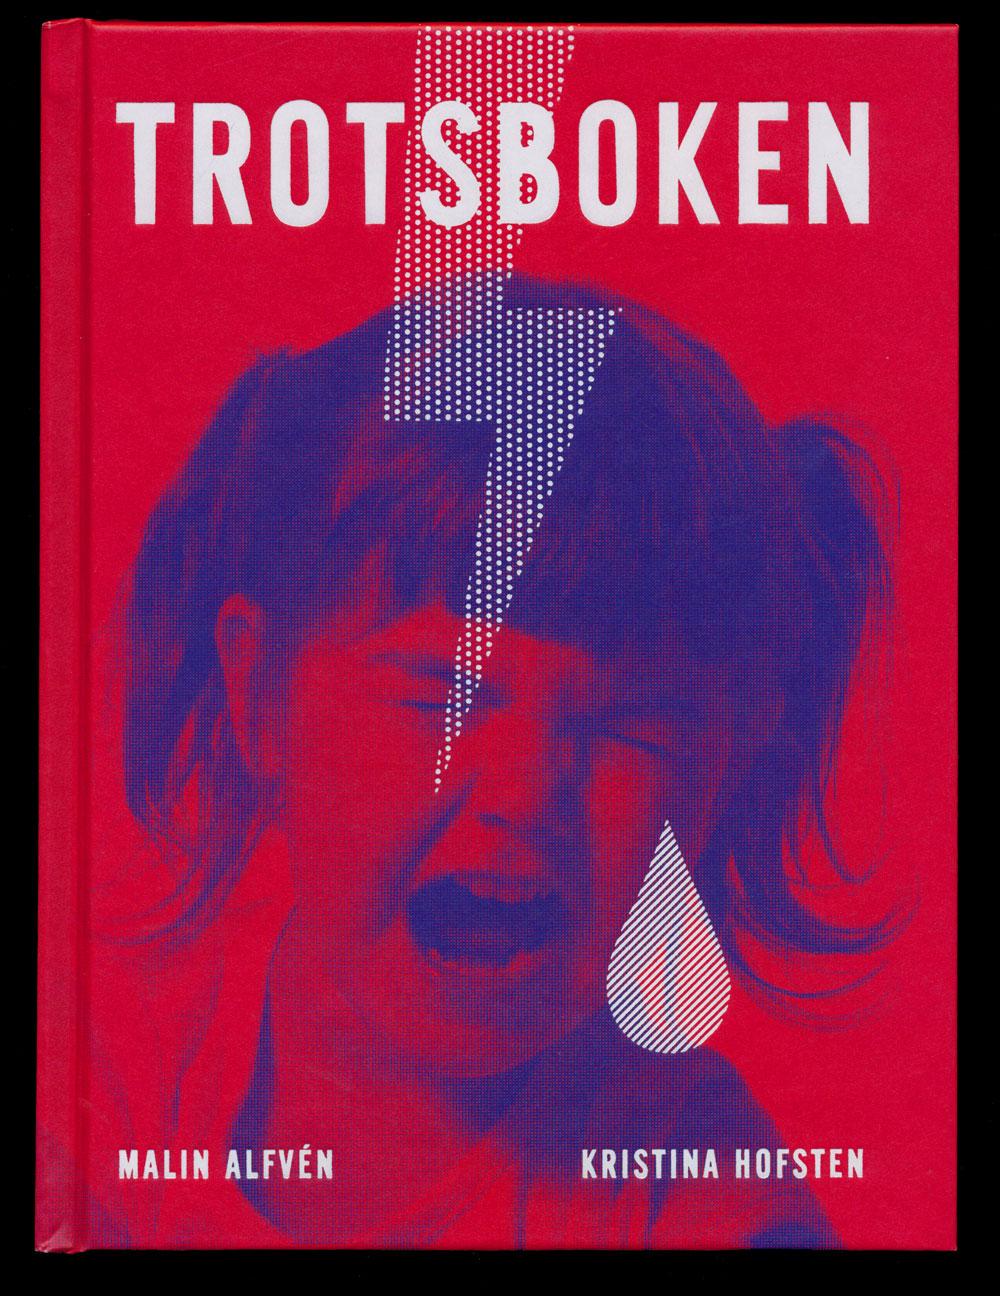 Trotsboken av Malin Alfvén ochKristina Hofsten